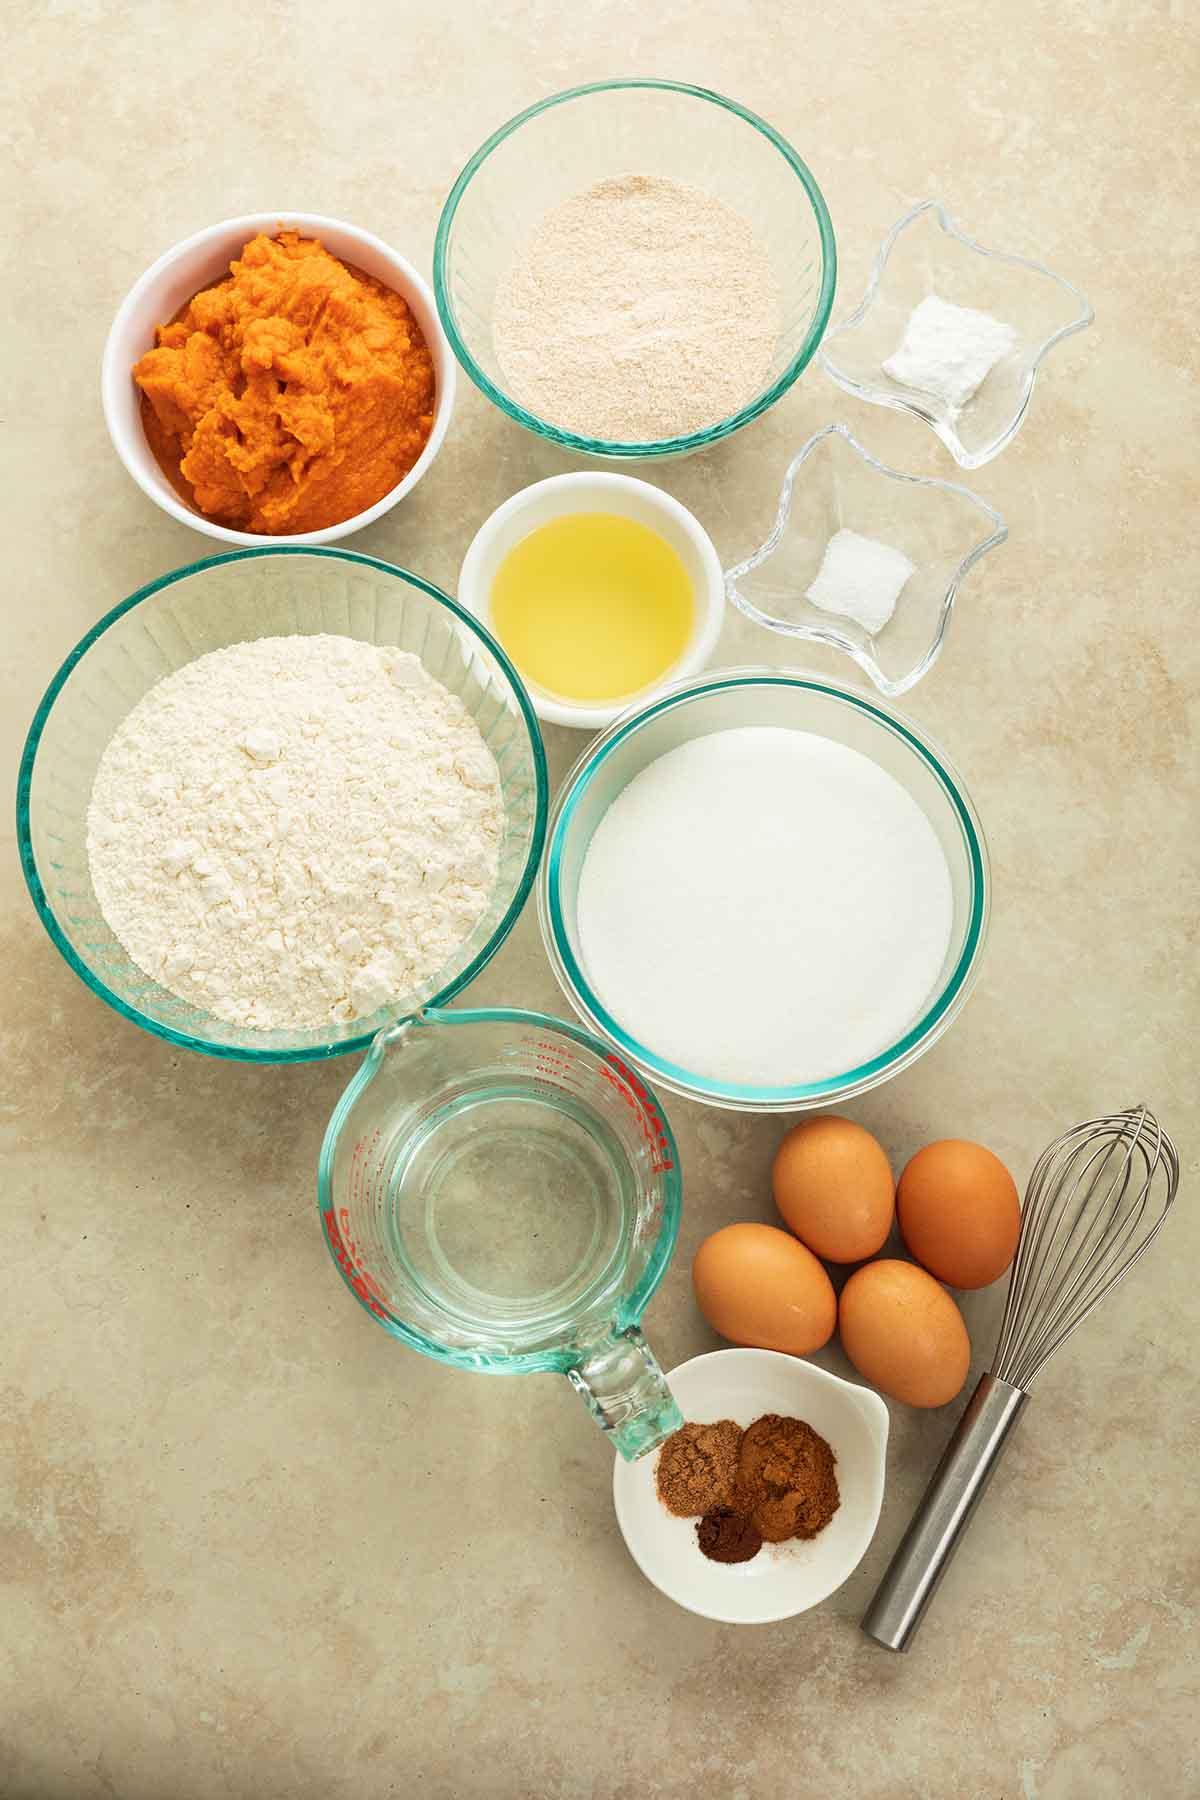 ingredients for pumpkin cream cheese muffins